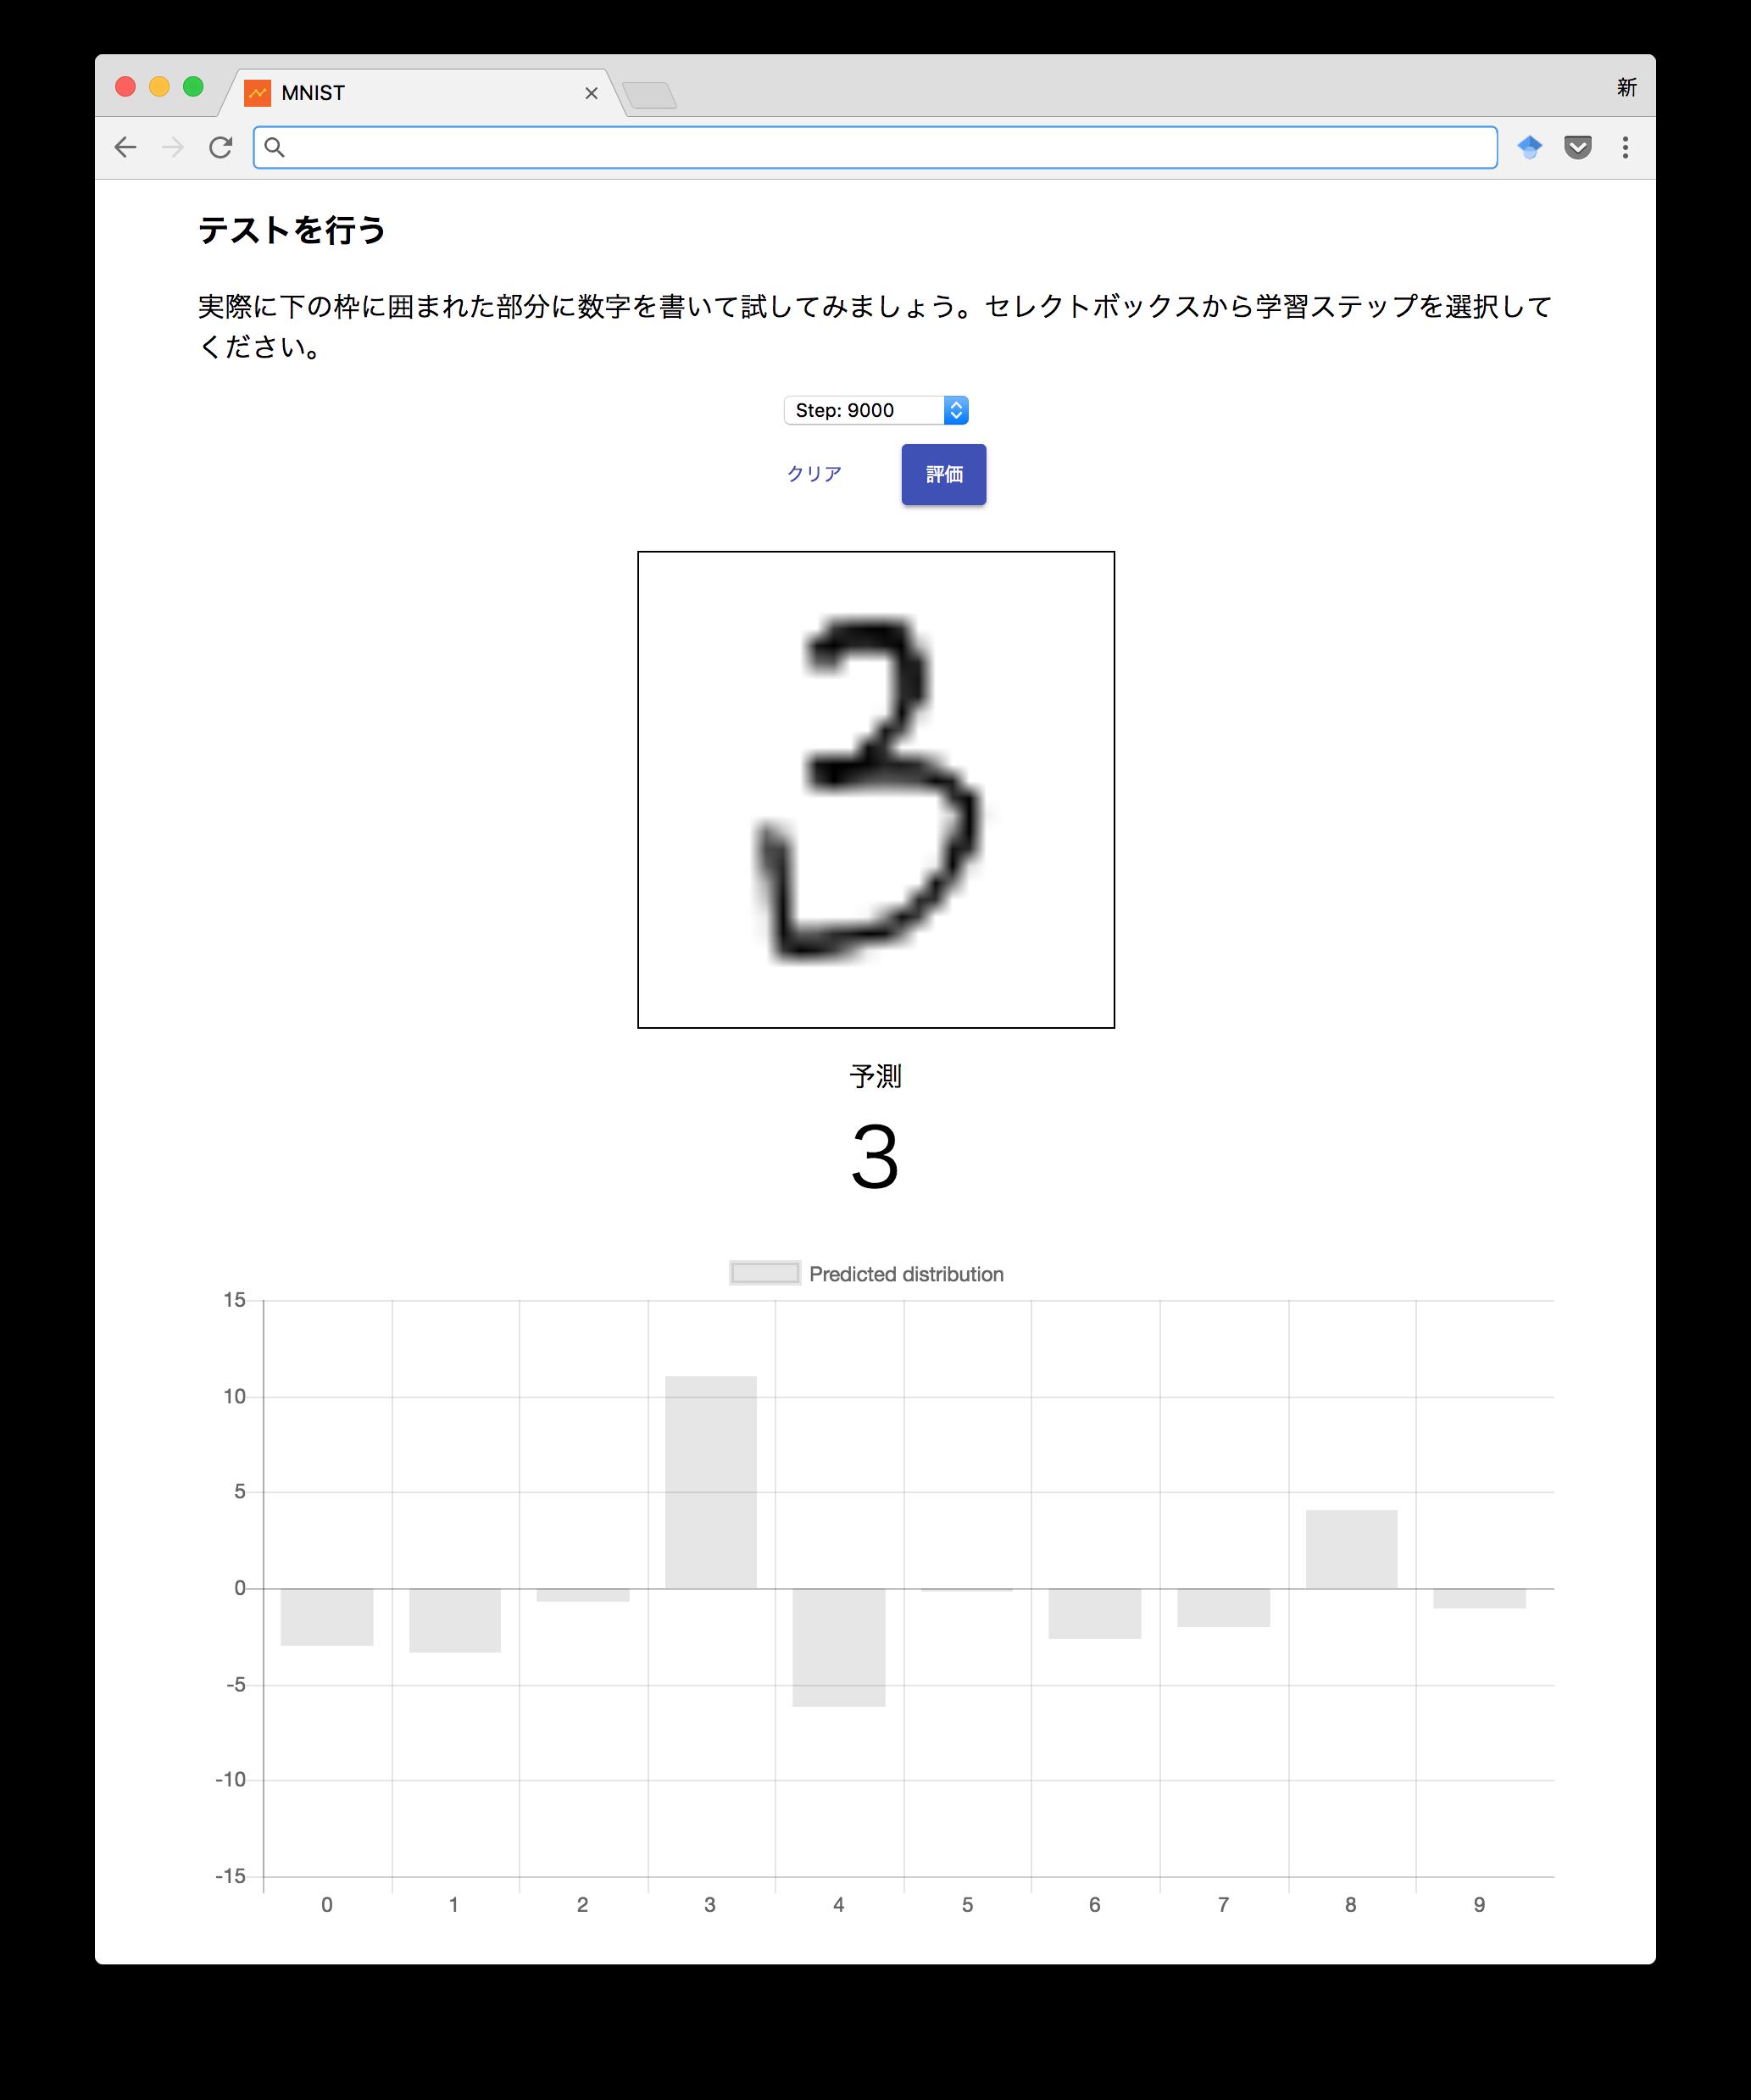 スクリーンショット 2017-01-18 23.11.38.png